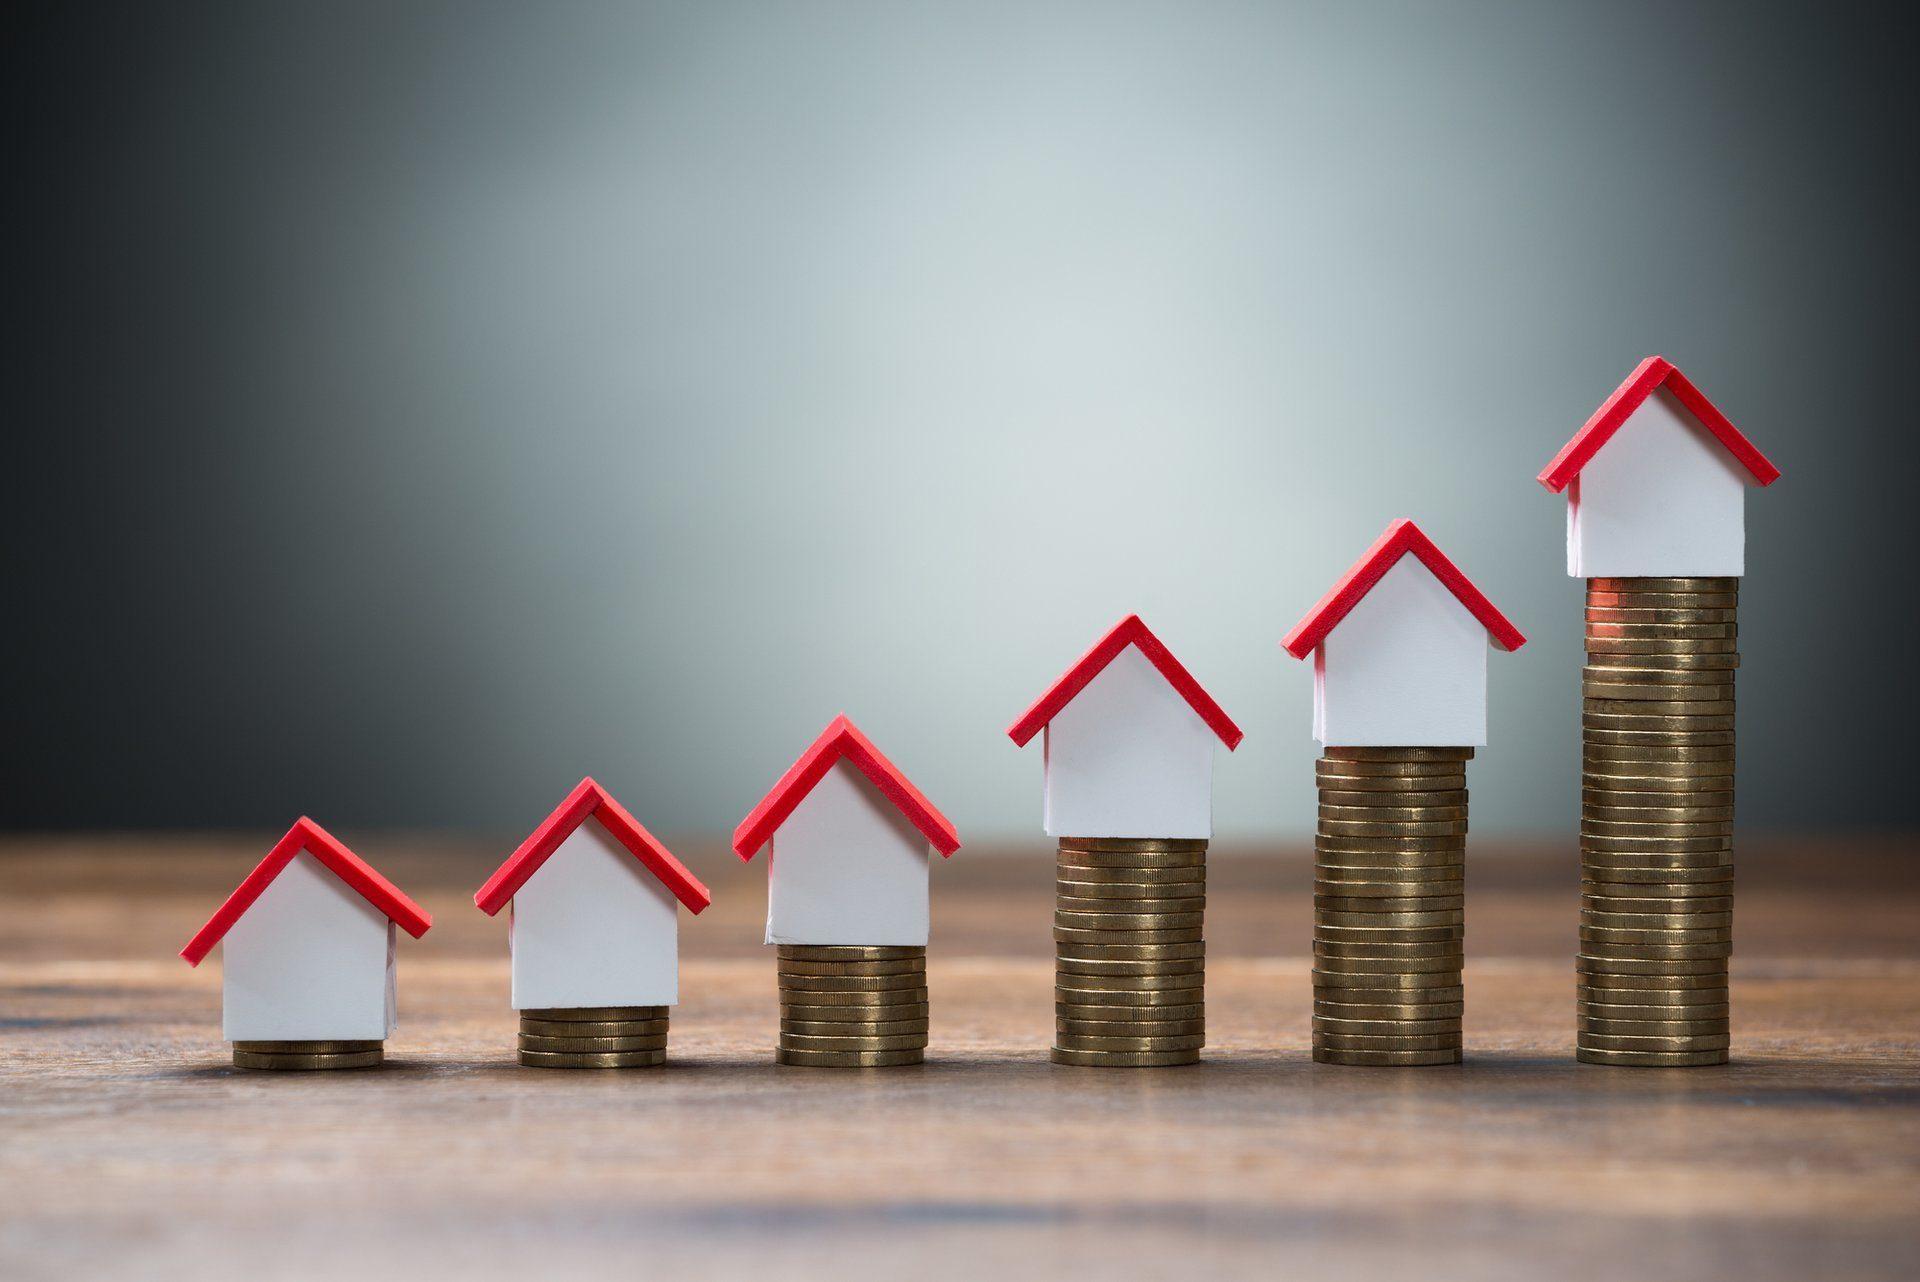 ТОП регионов с самыми высокими ставками по ипотеке